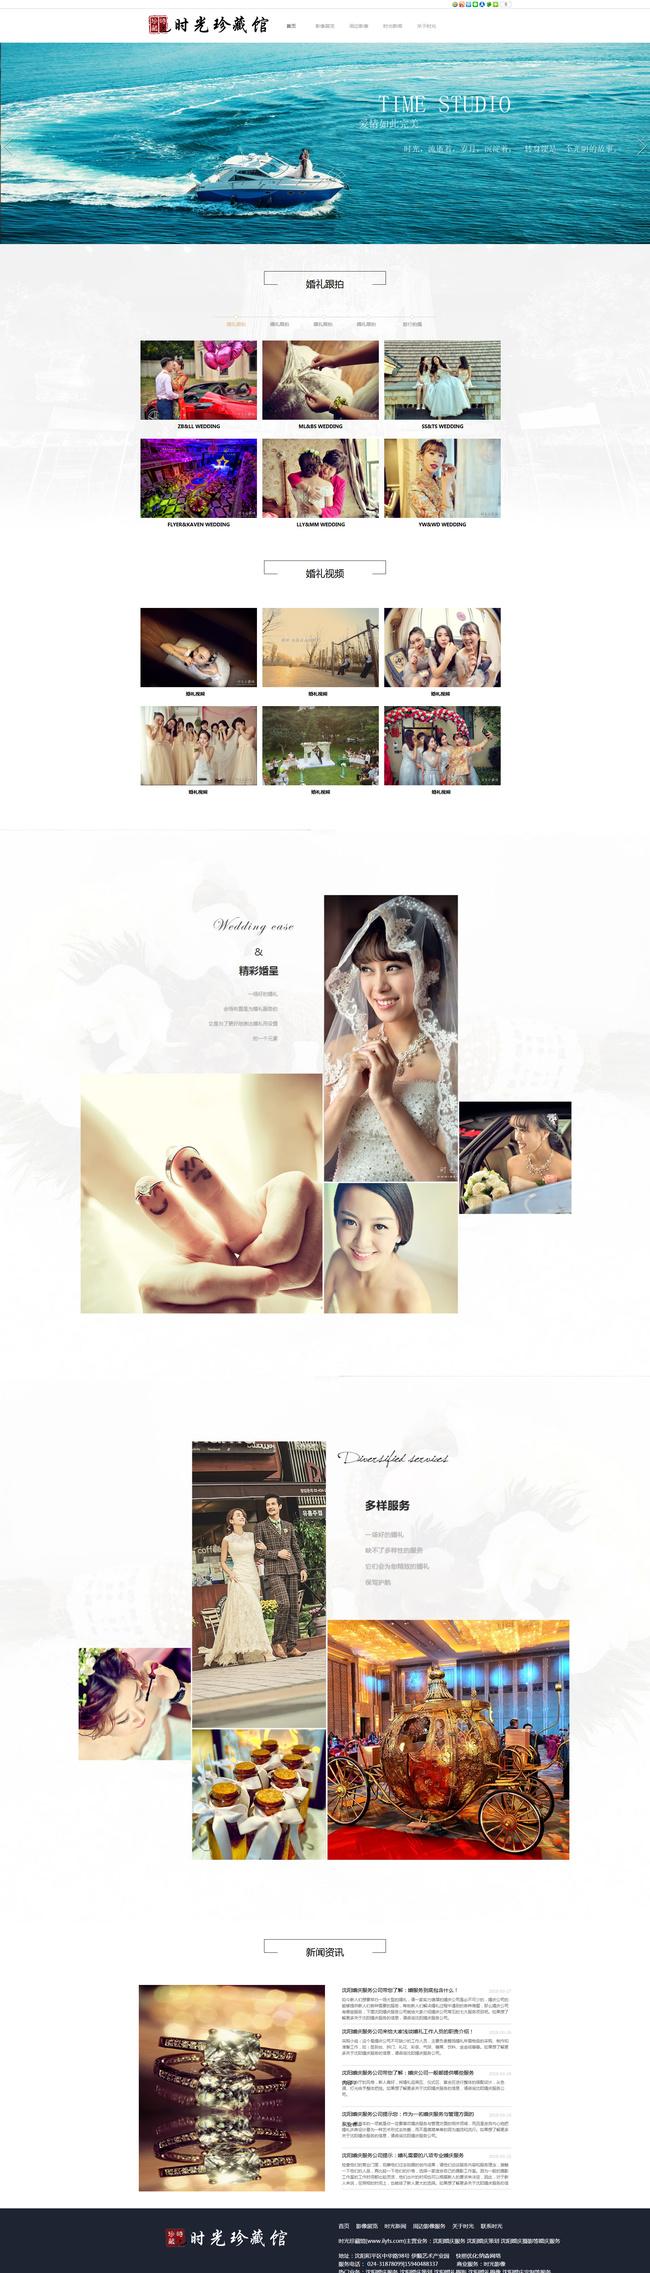 热烈祝贺婚庆公司营销网站上线,铭赞富海360营销推广杠杠的!